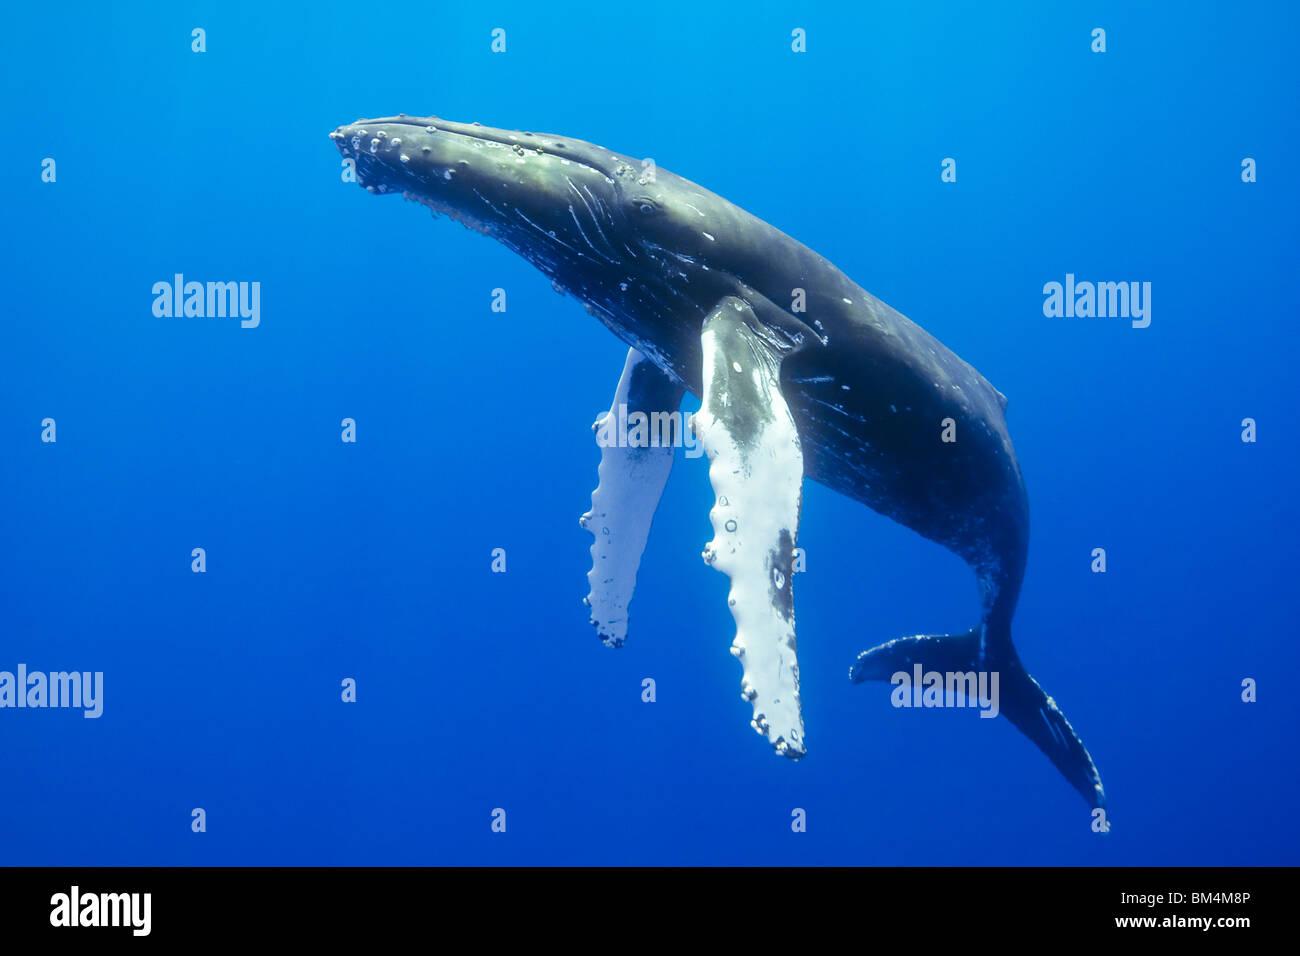 La ballena jorobada, Megaptera novaeangliae, Océano Pacífico, Hawai, EE.UU. Foto de stock